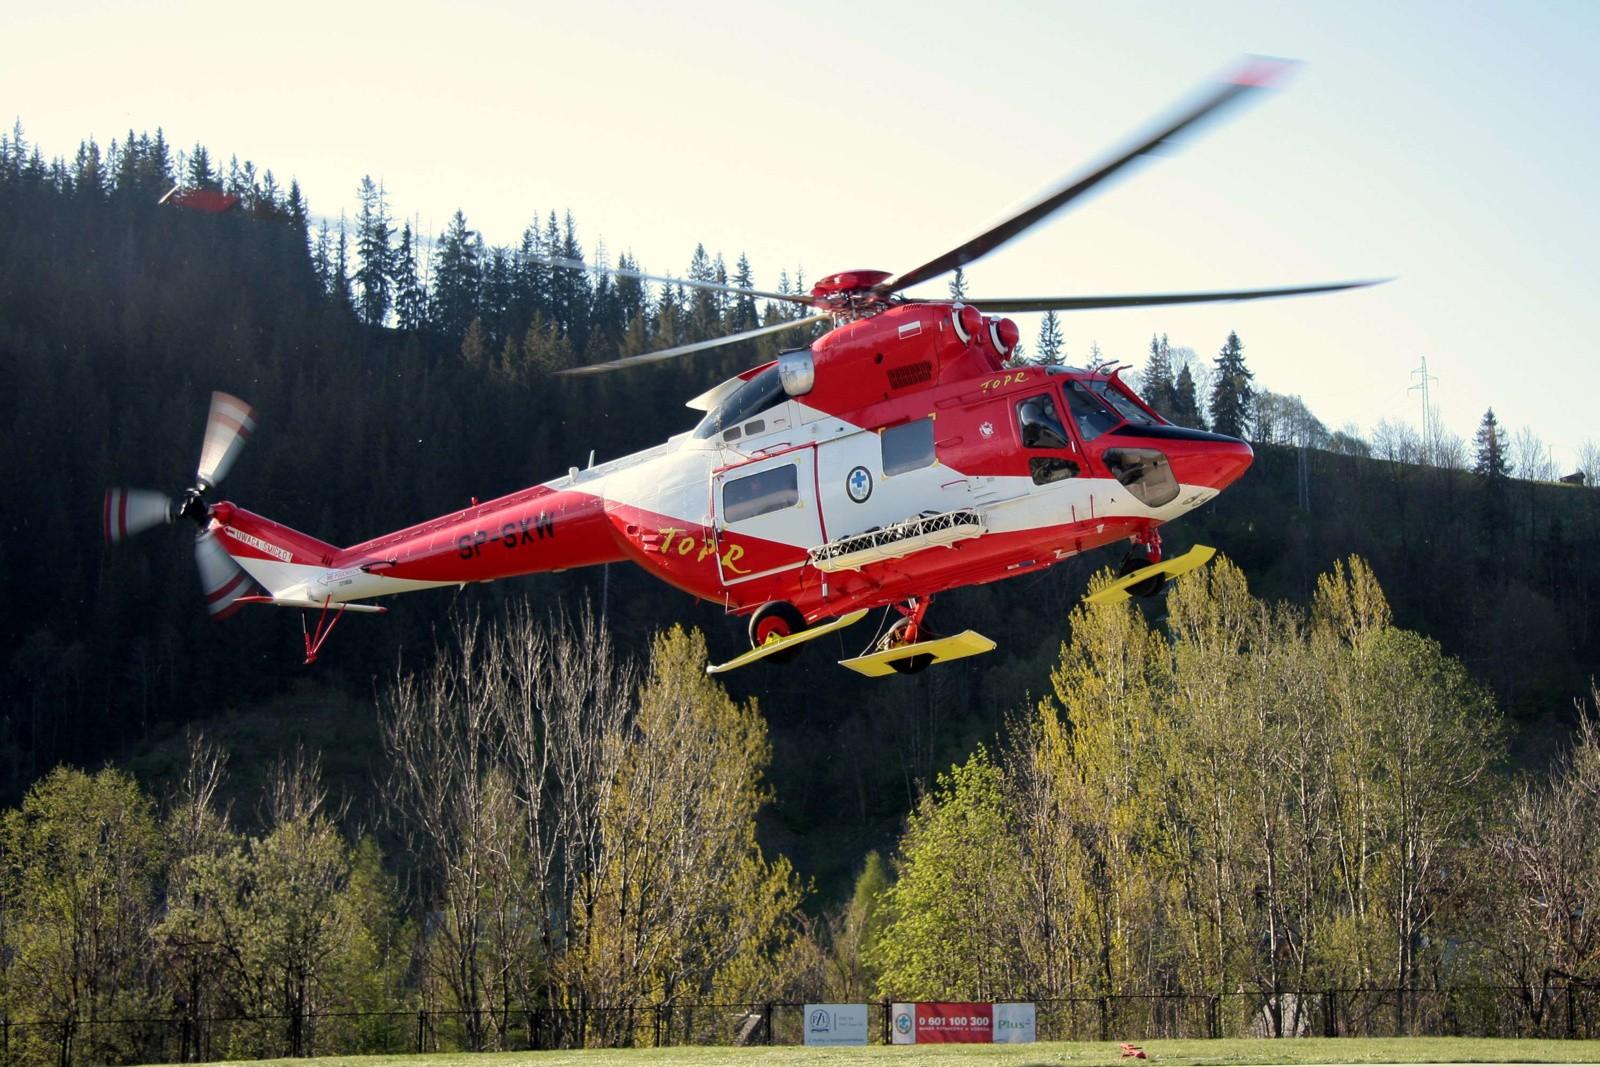 11cba75a5dde0 Zdarzenie miało miejsce w piątek, 1 września. Ratowników górskich o  zdarzeniu poinformowali świadkowie zdarzenia. Toprowcy na miejsce wypadku  dotarli ...